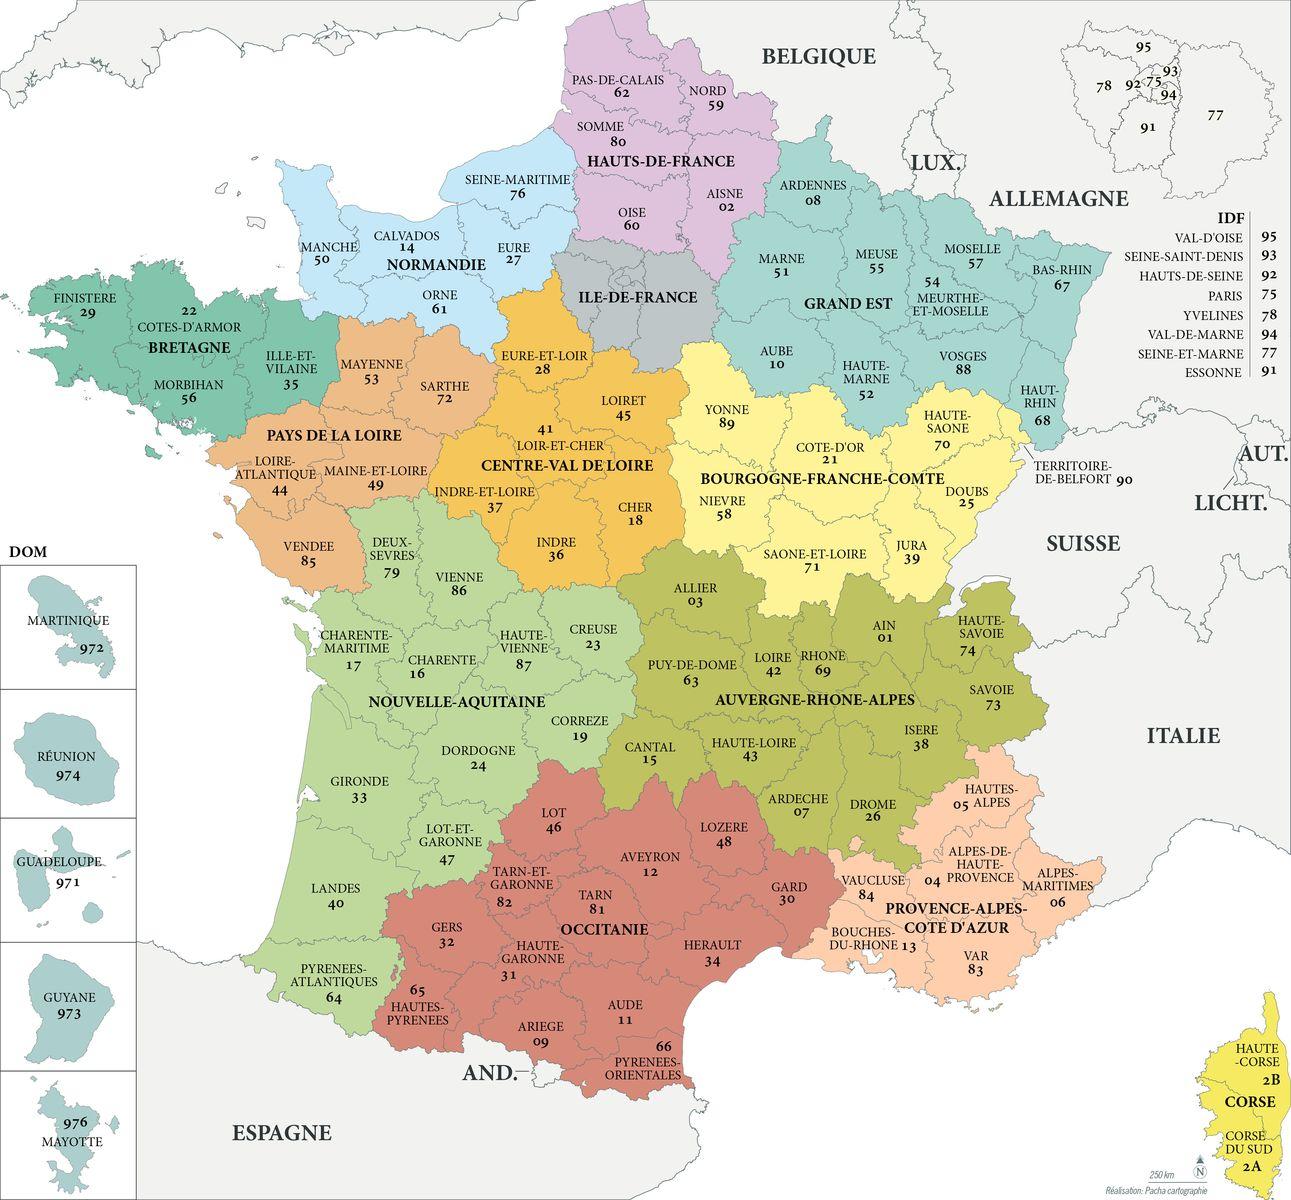 Fond de carte France - Régions et départements avec noms - Guillaume Sciaux - Cartographe professionnel